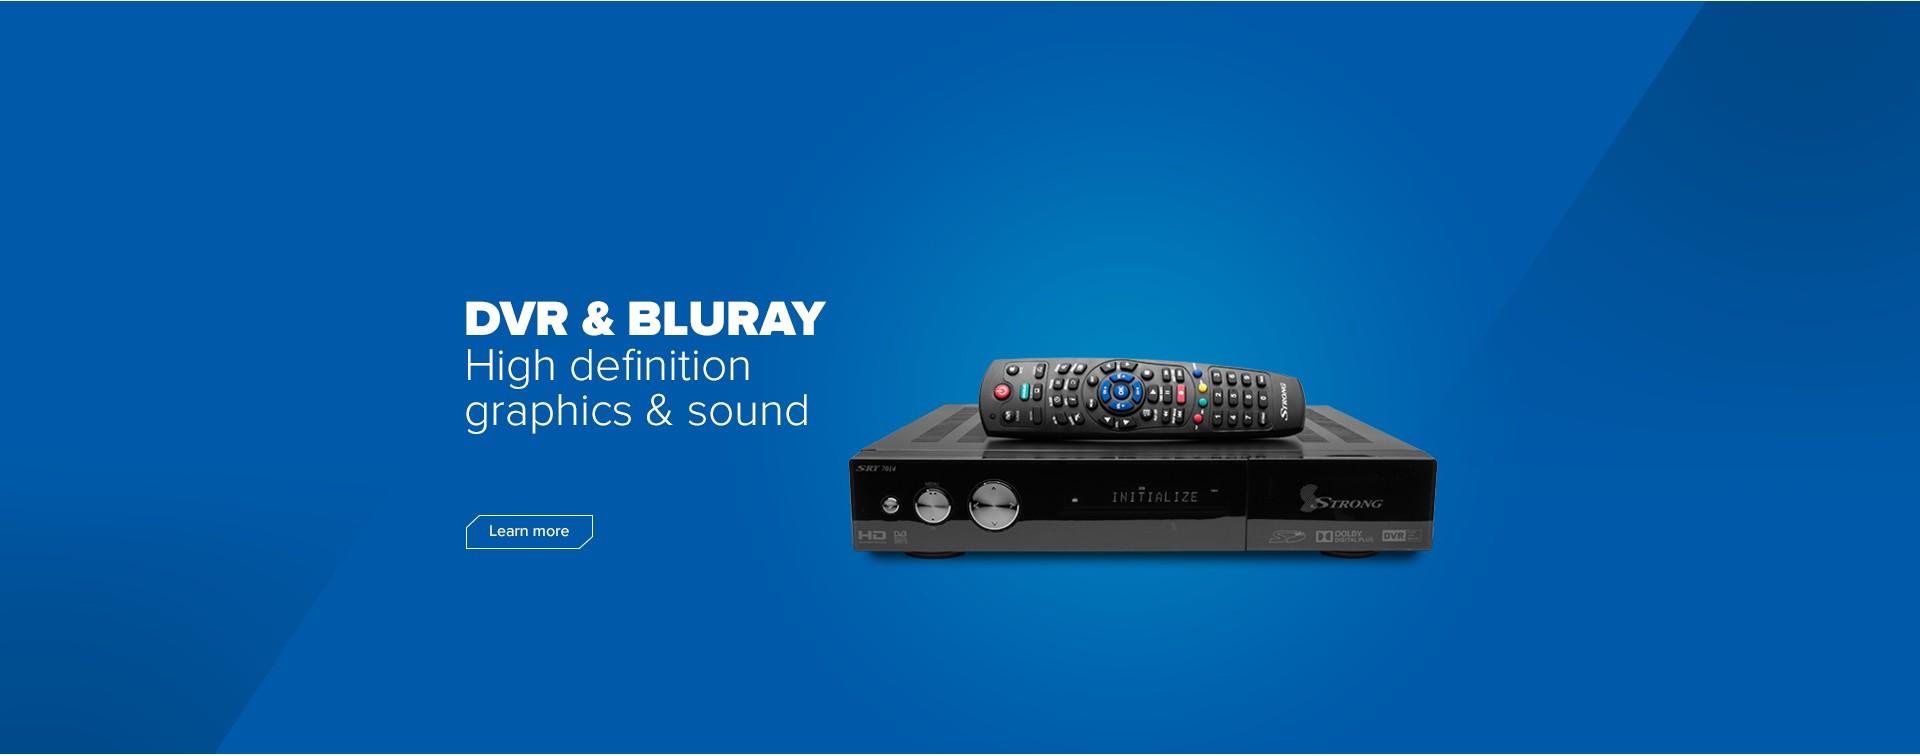 DVR & BluRay